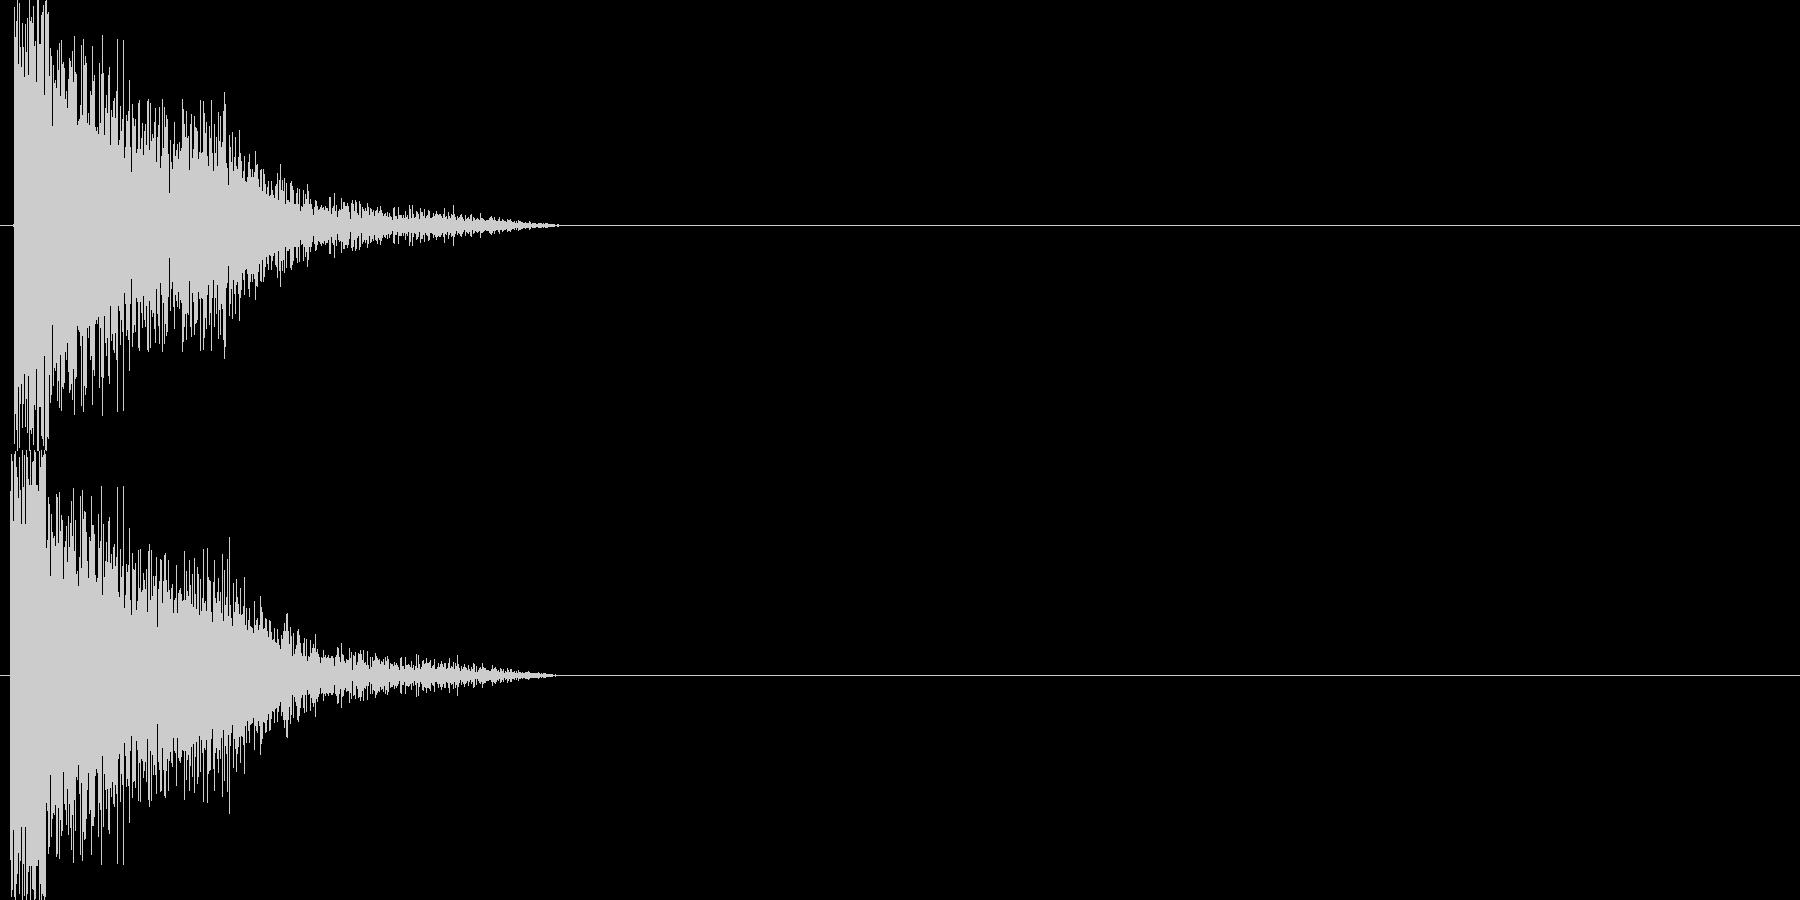 攻撃音12の未再生の波形